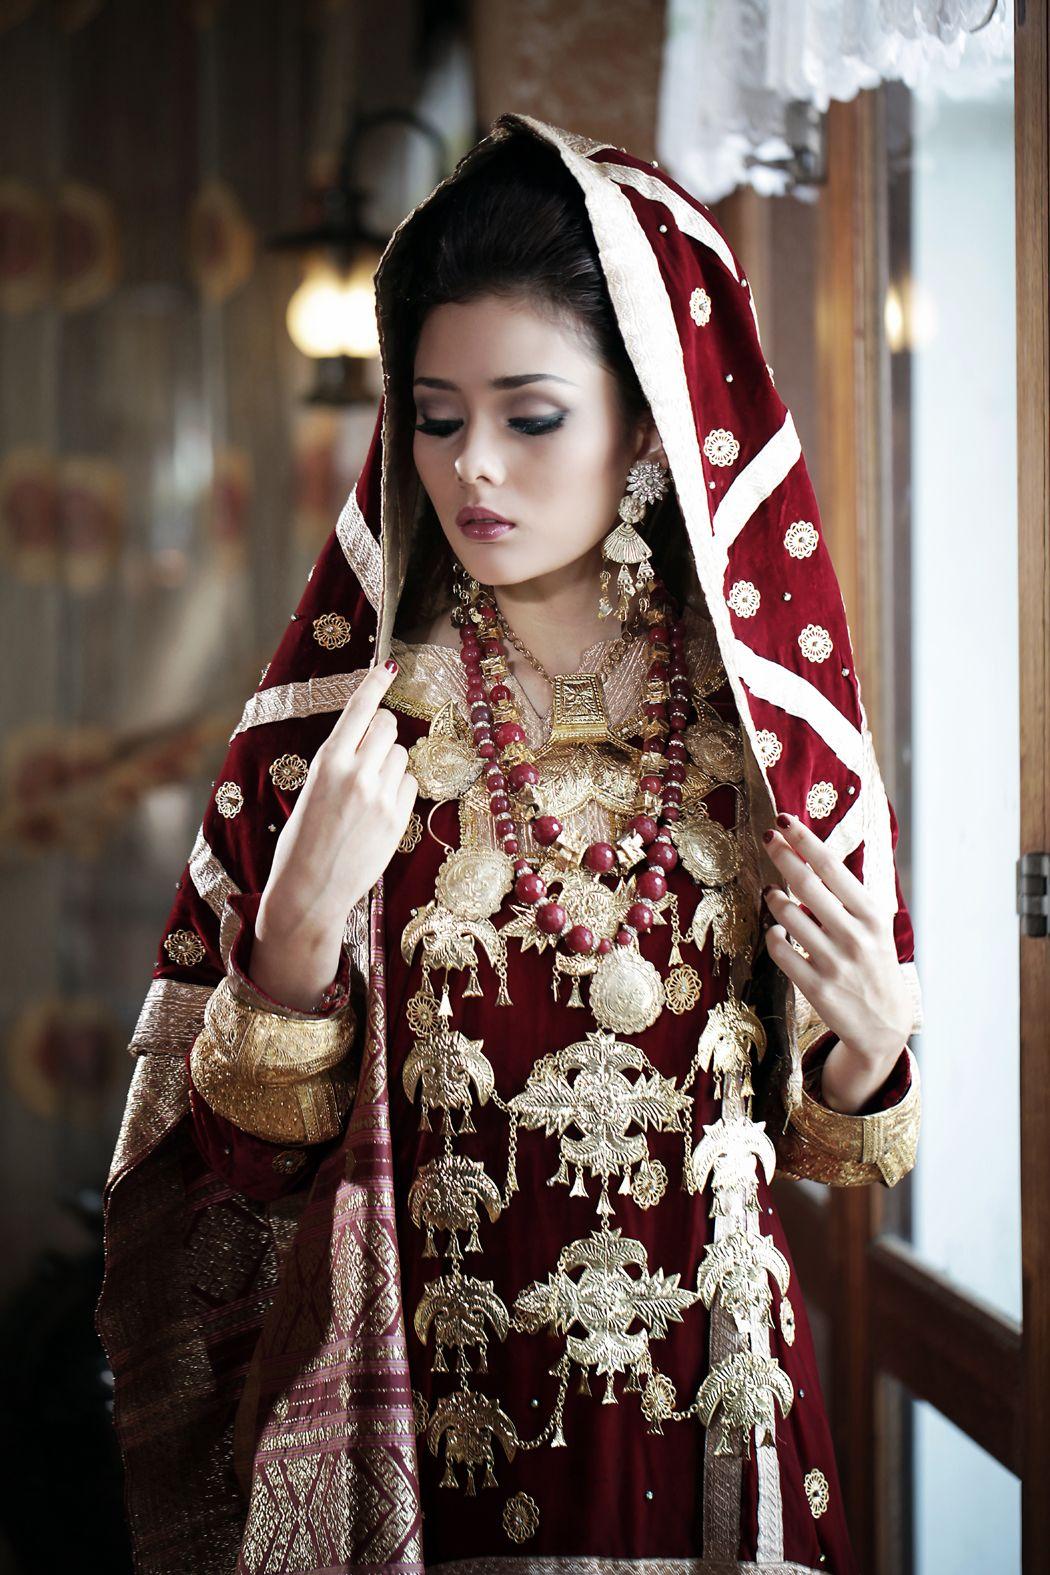 Pengantin Koto Gadang I Koto Gadang Bride  Ide perkawinan